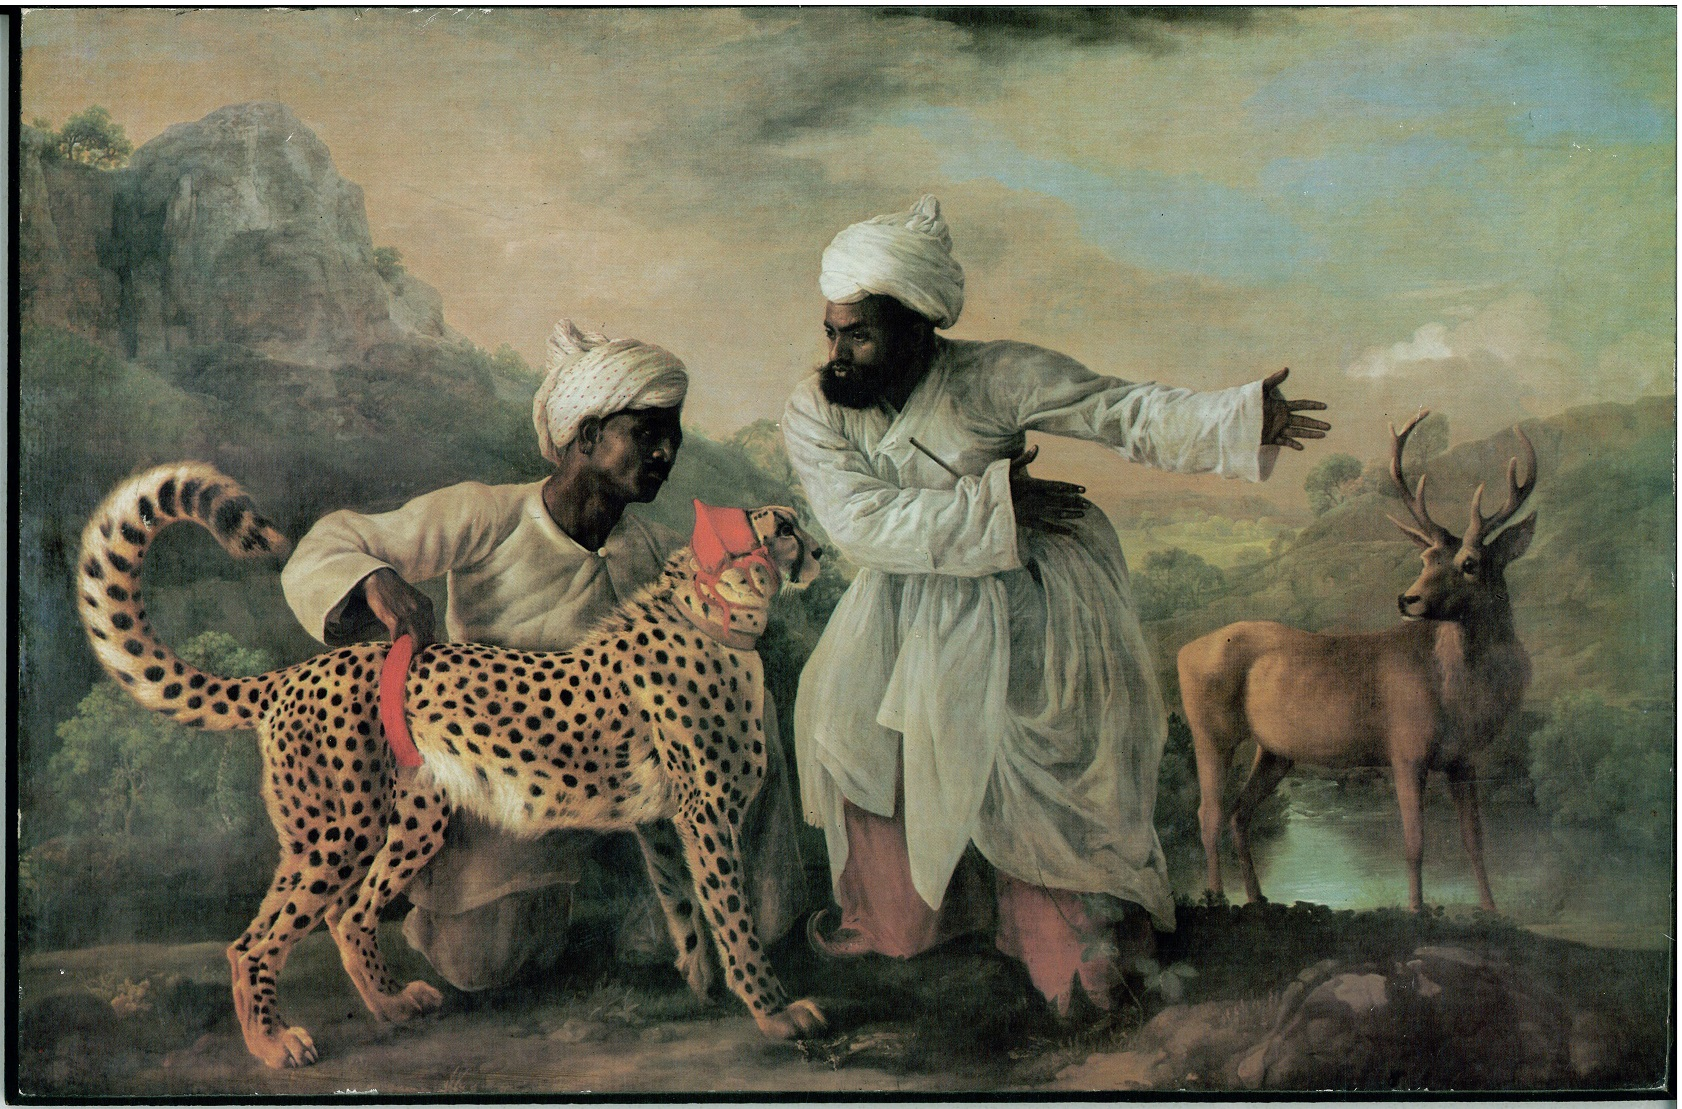 یوز بان و یوزپلنگ در شکارگاه تابلو نقاشی مربوط به پادشاهان گورکانی هند